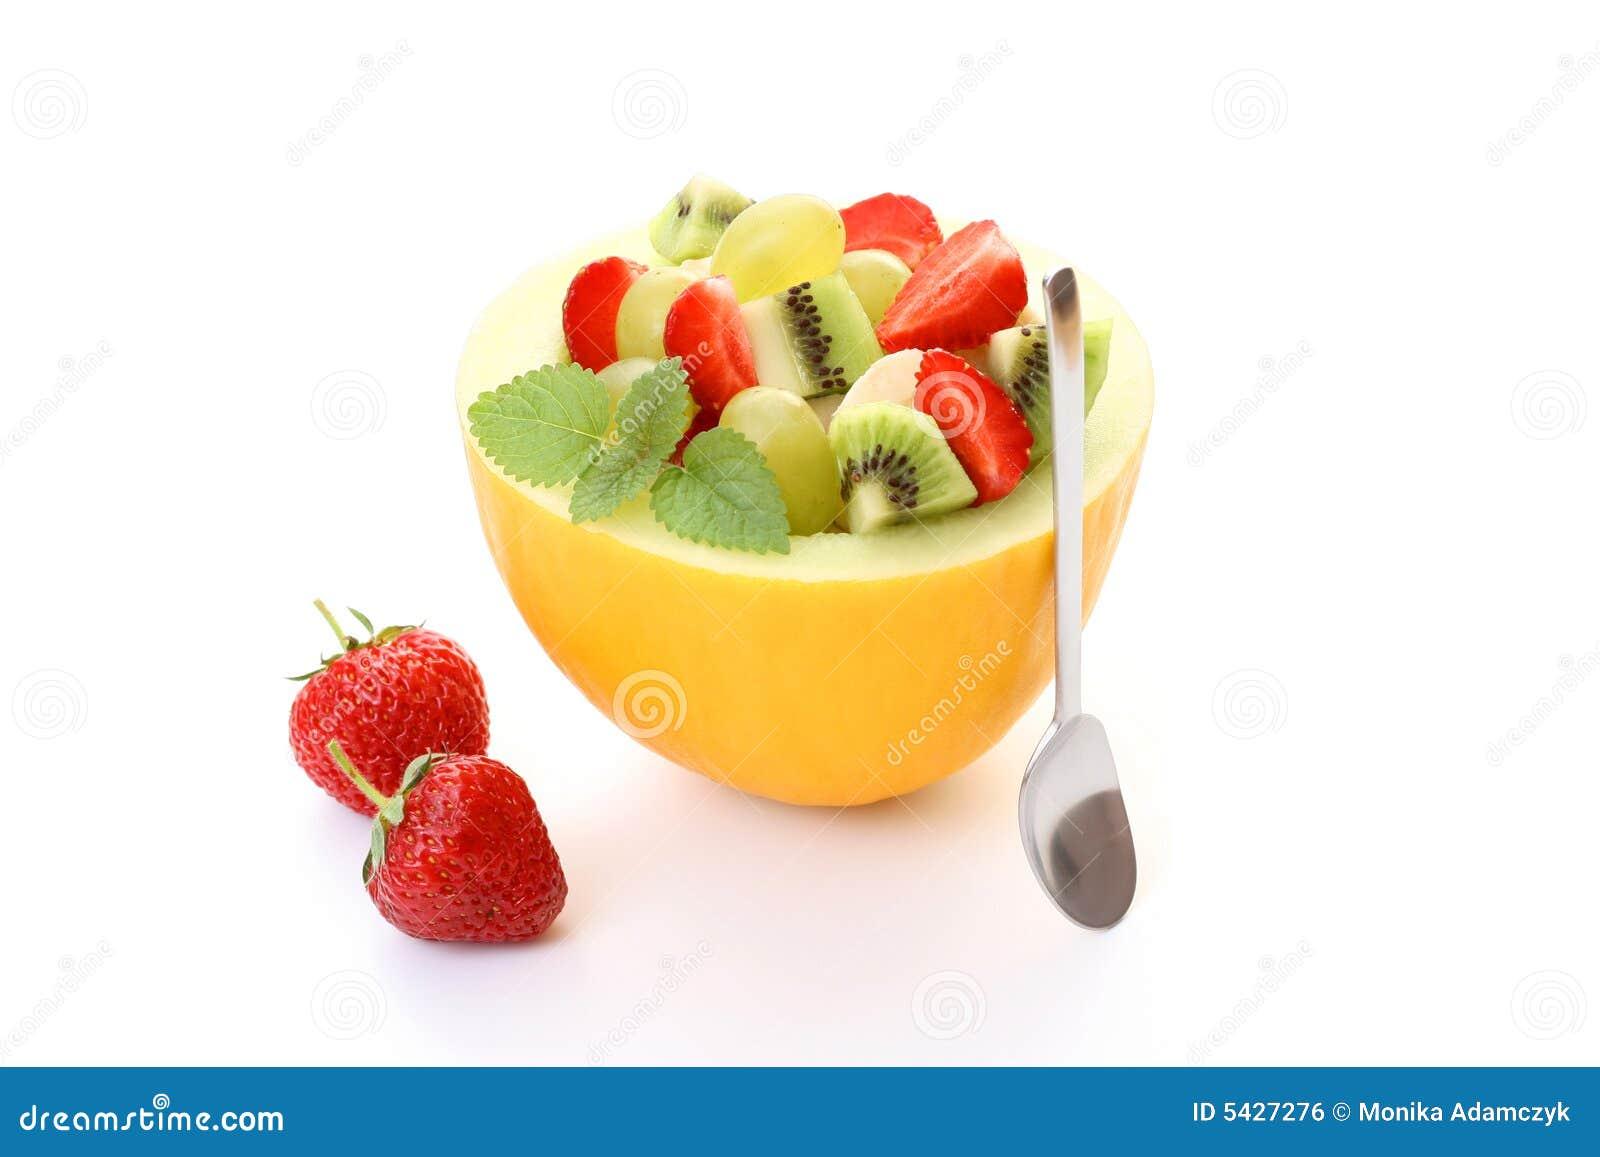 Insalata al gusto di frutta